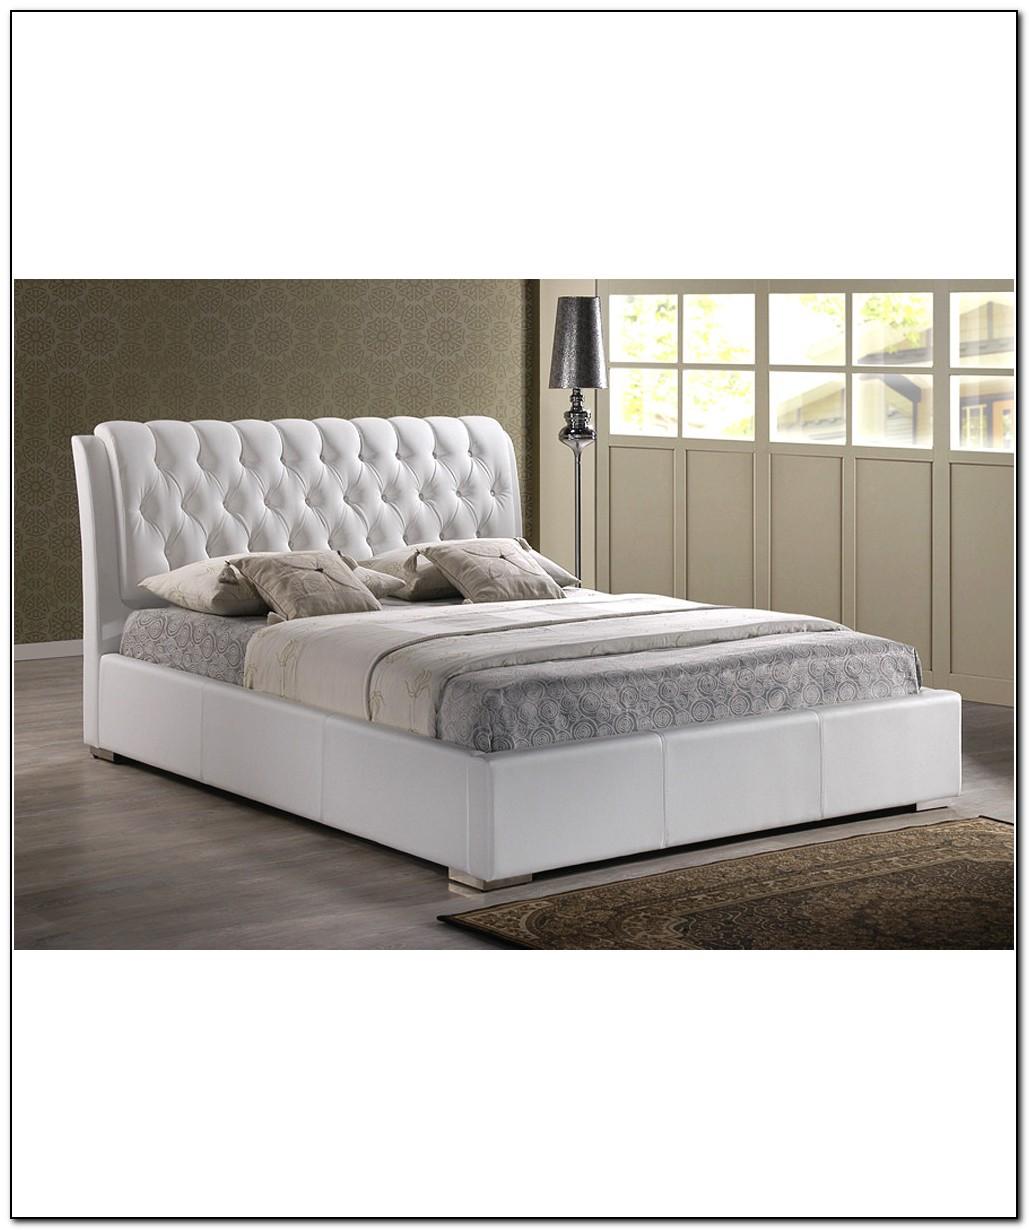 White Bed Frame Full